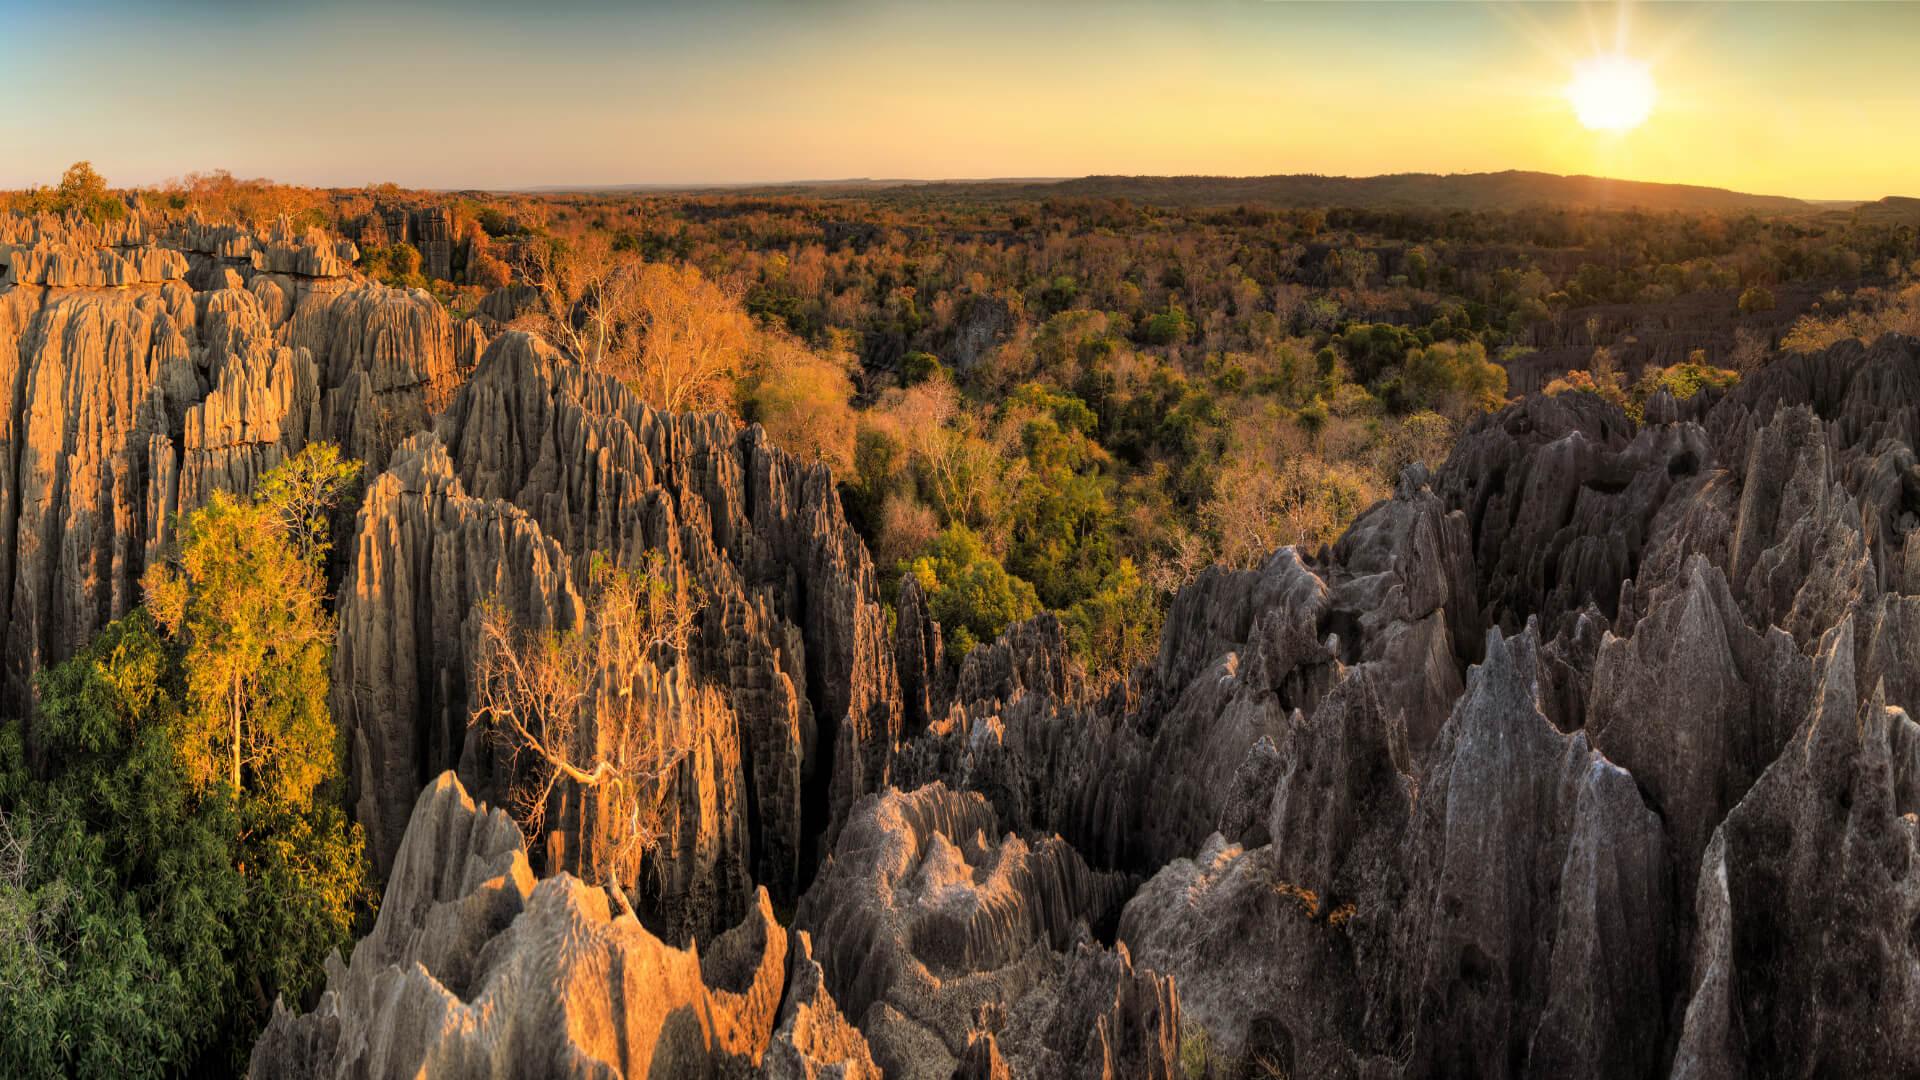 Kayalardan Oluşan Bir Orman: Tsingy de Bemaraha Millî Parkı